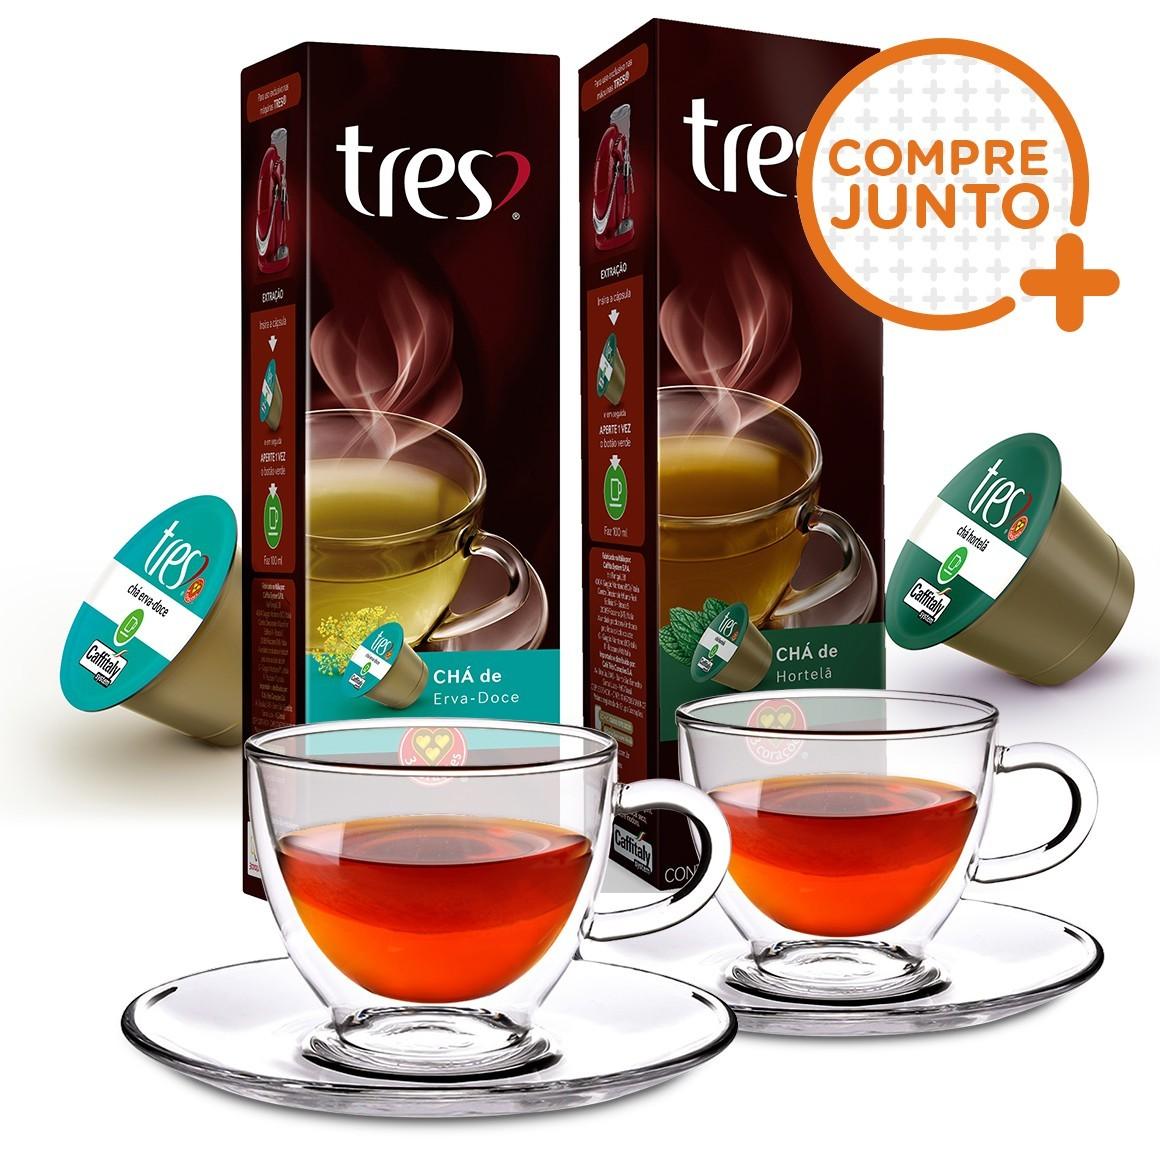 Kit 20 Cápsulas de Chá Três Corações + 2 Xícaras para Chá em Vidro Duplo 250ml